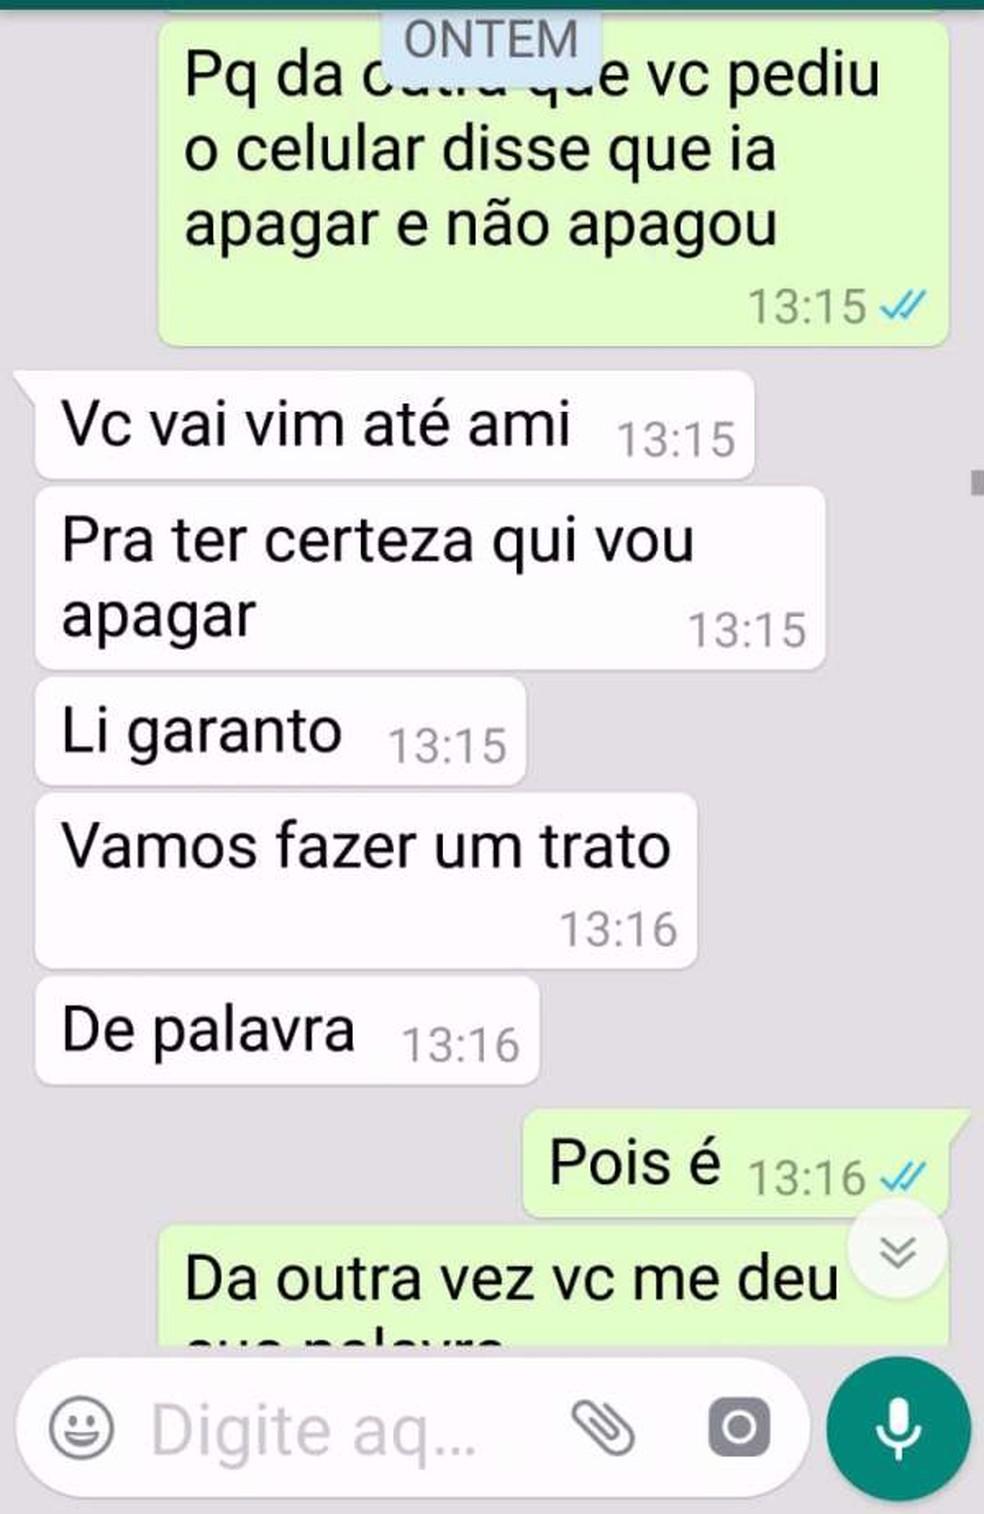 Troca de mensagens entre o suspeito e a vítima foi divulgada pela polícia — Foto: Divulgação